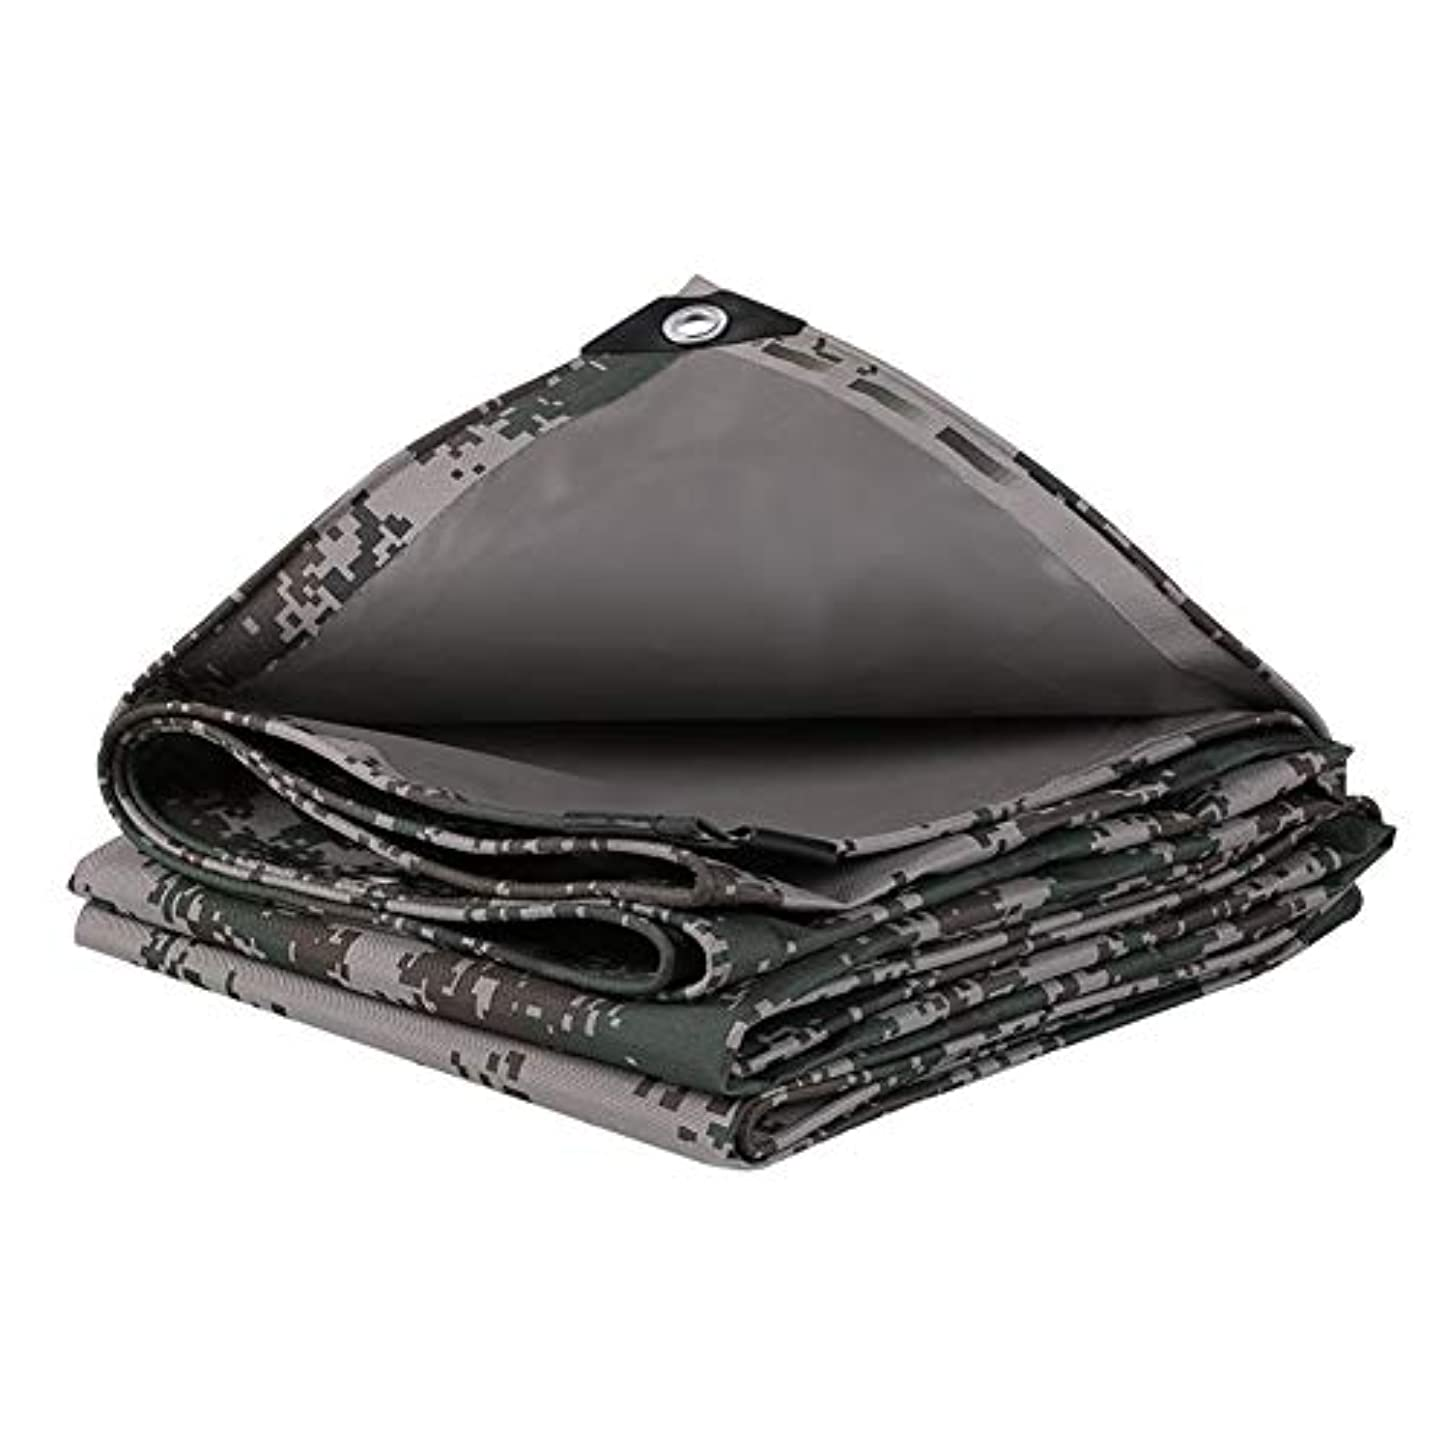 自由血色の良いほんのZEMIN オーニング サンシェードテン トタープ 耐摩耗性 オックスフォード 布 ダストカバー トラック PVC、 マルチサイズ カスタマイズ可能 (色 : A, サイズ さいず : 2.8x2.8m)